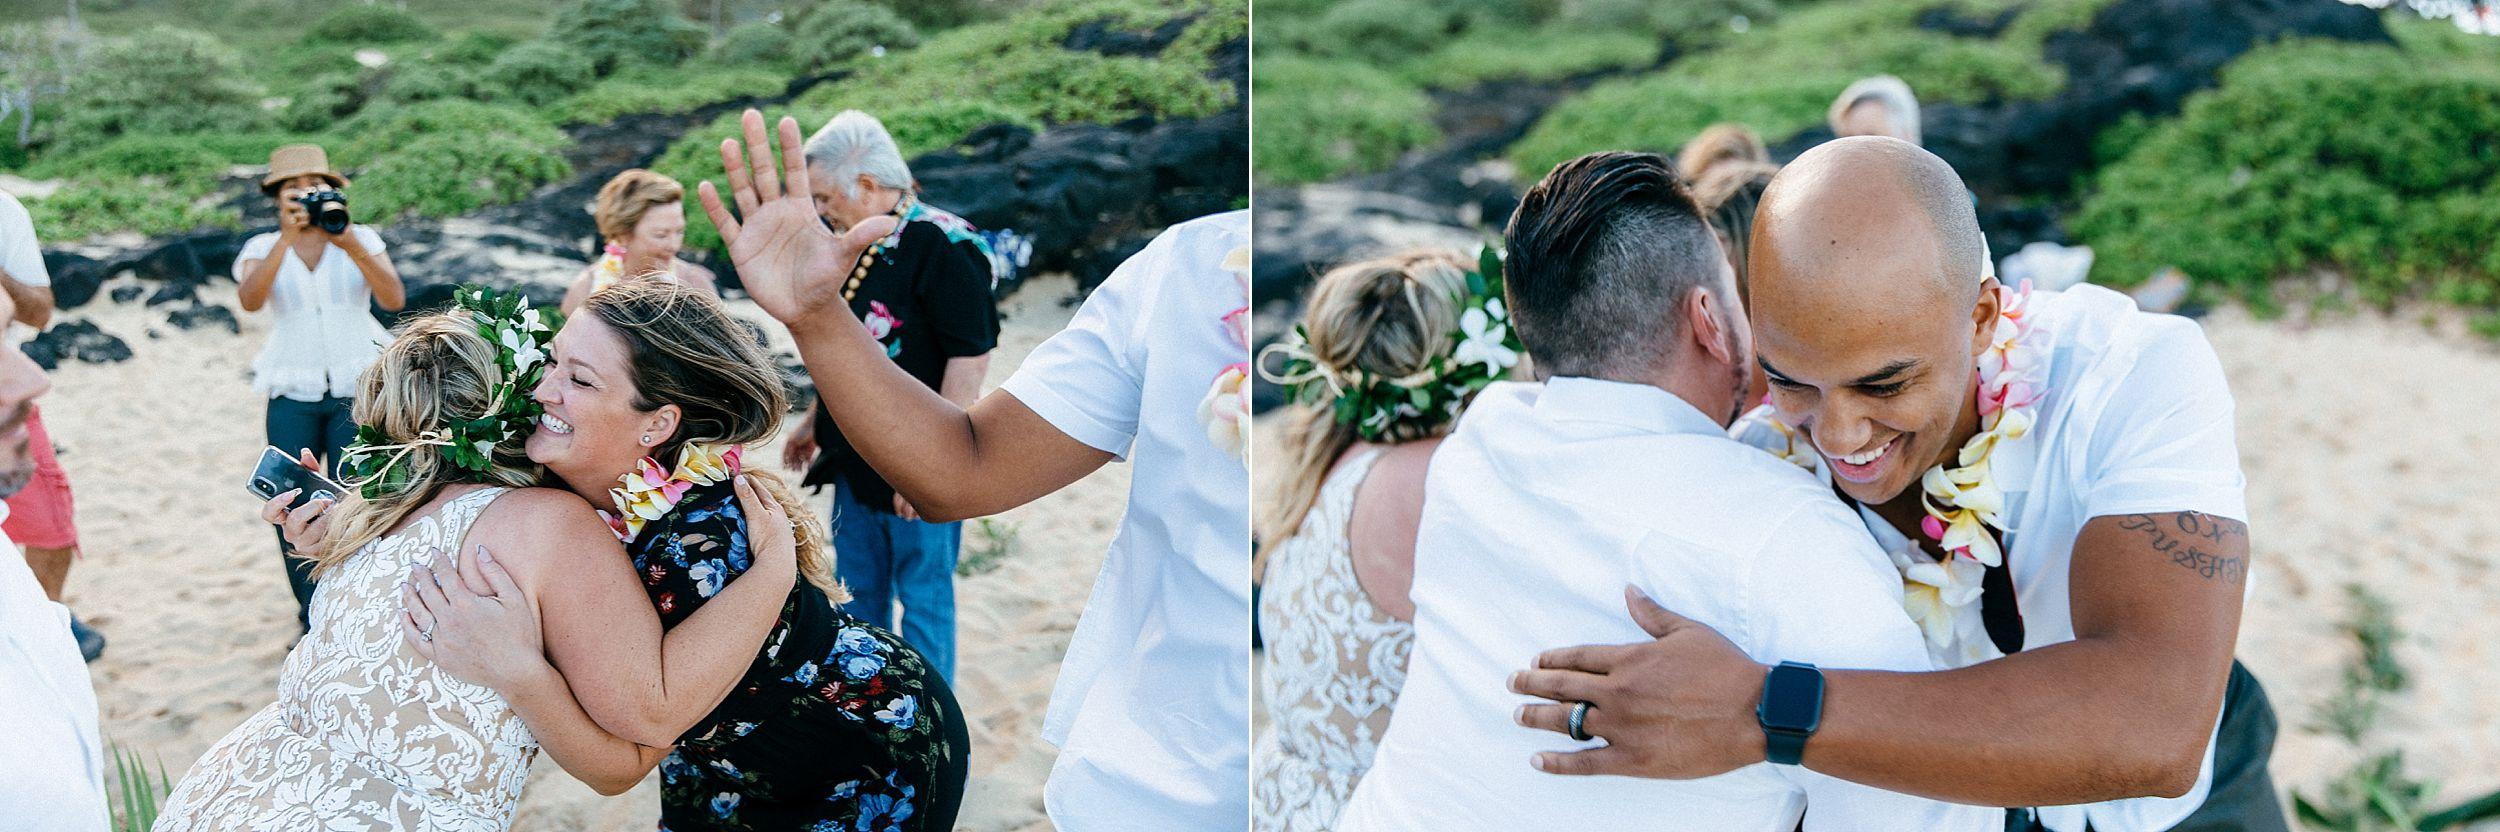 Emotional elopement vows in Honolulu, Hawaii